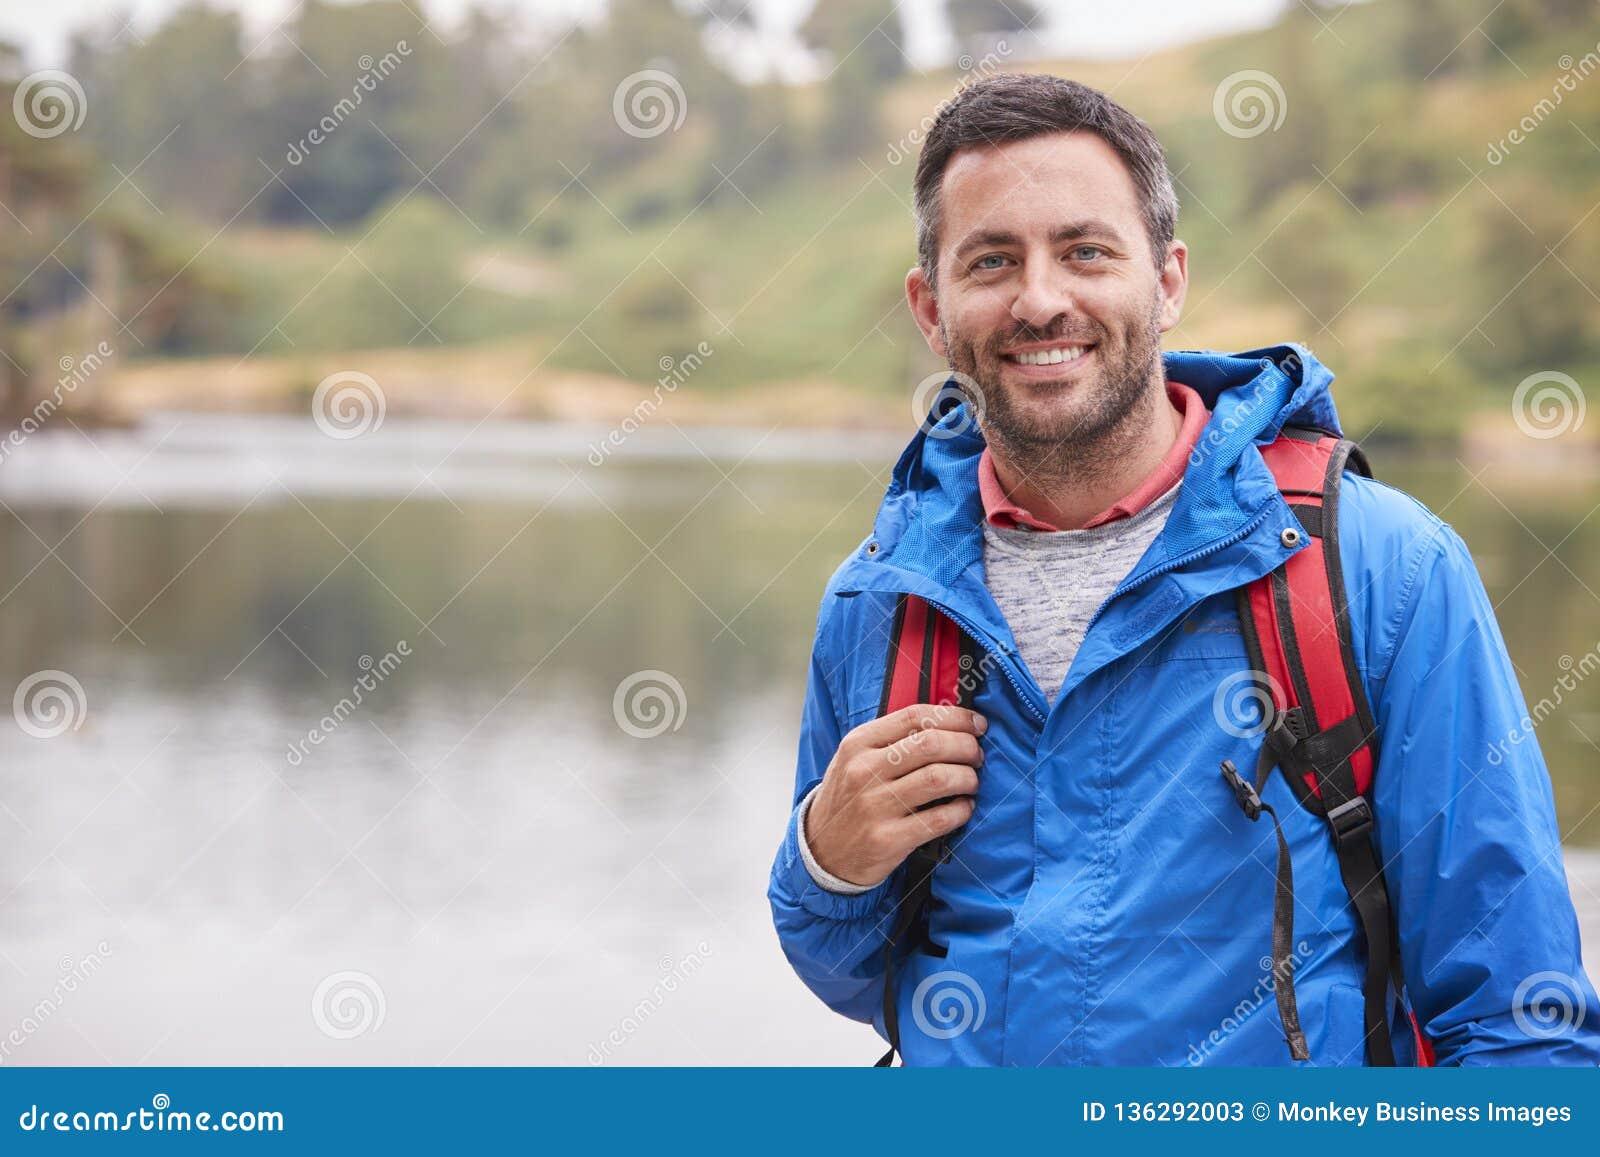 Hombre adulto en una acampada que hace una pausa un lago que sonríe a la cámara, retrato, distrito del lago, Reino Unido